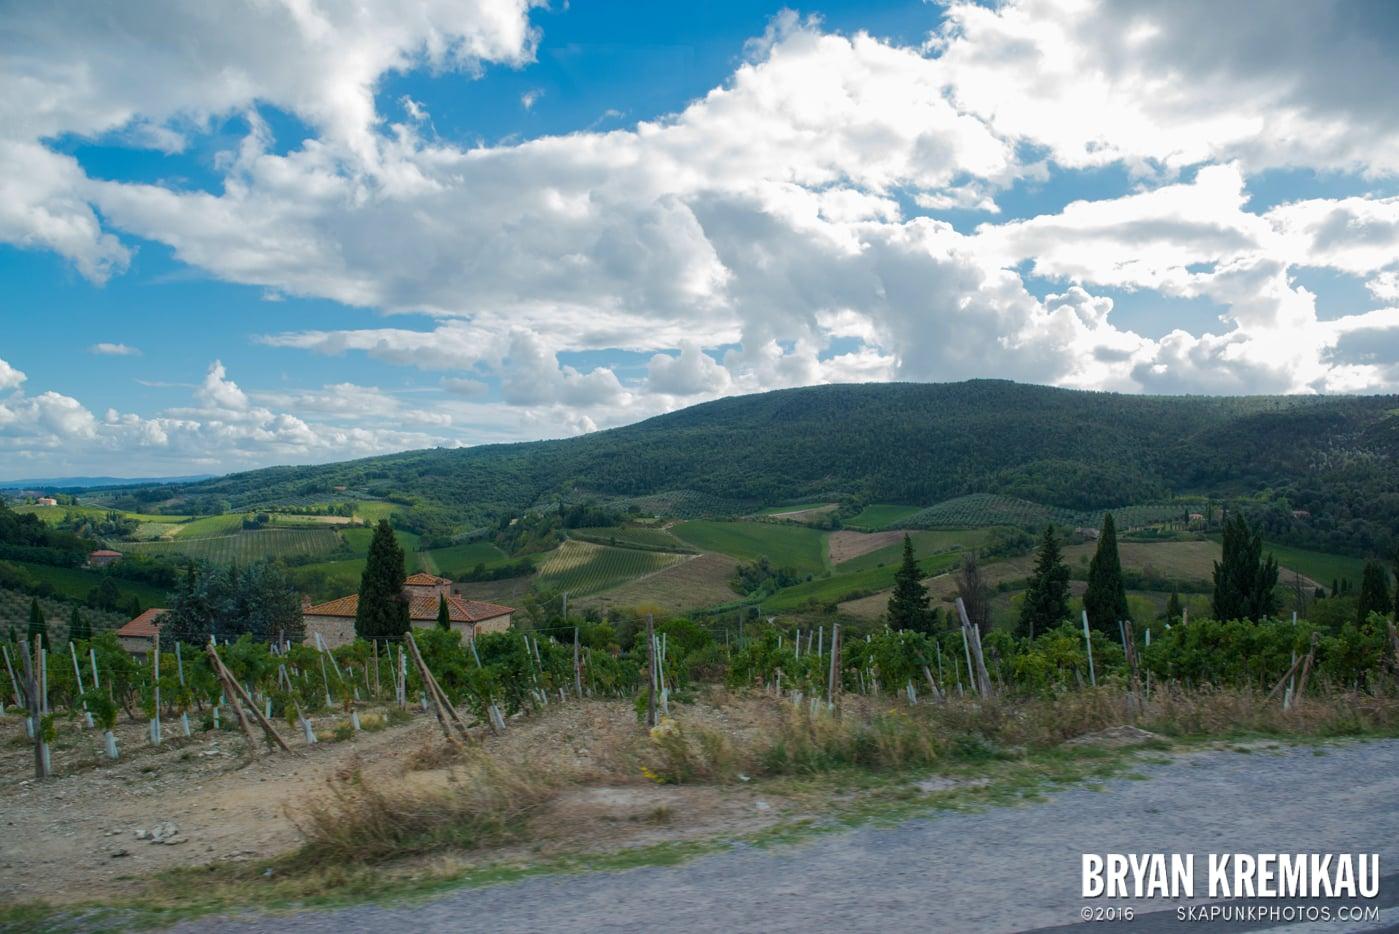 Italy Vacation - Day 8: Siena, San Gimignano, Chianti, Pisa - 9.16.13 (44)